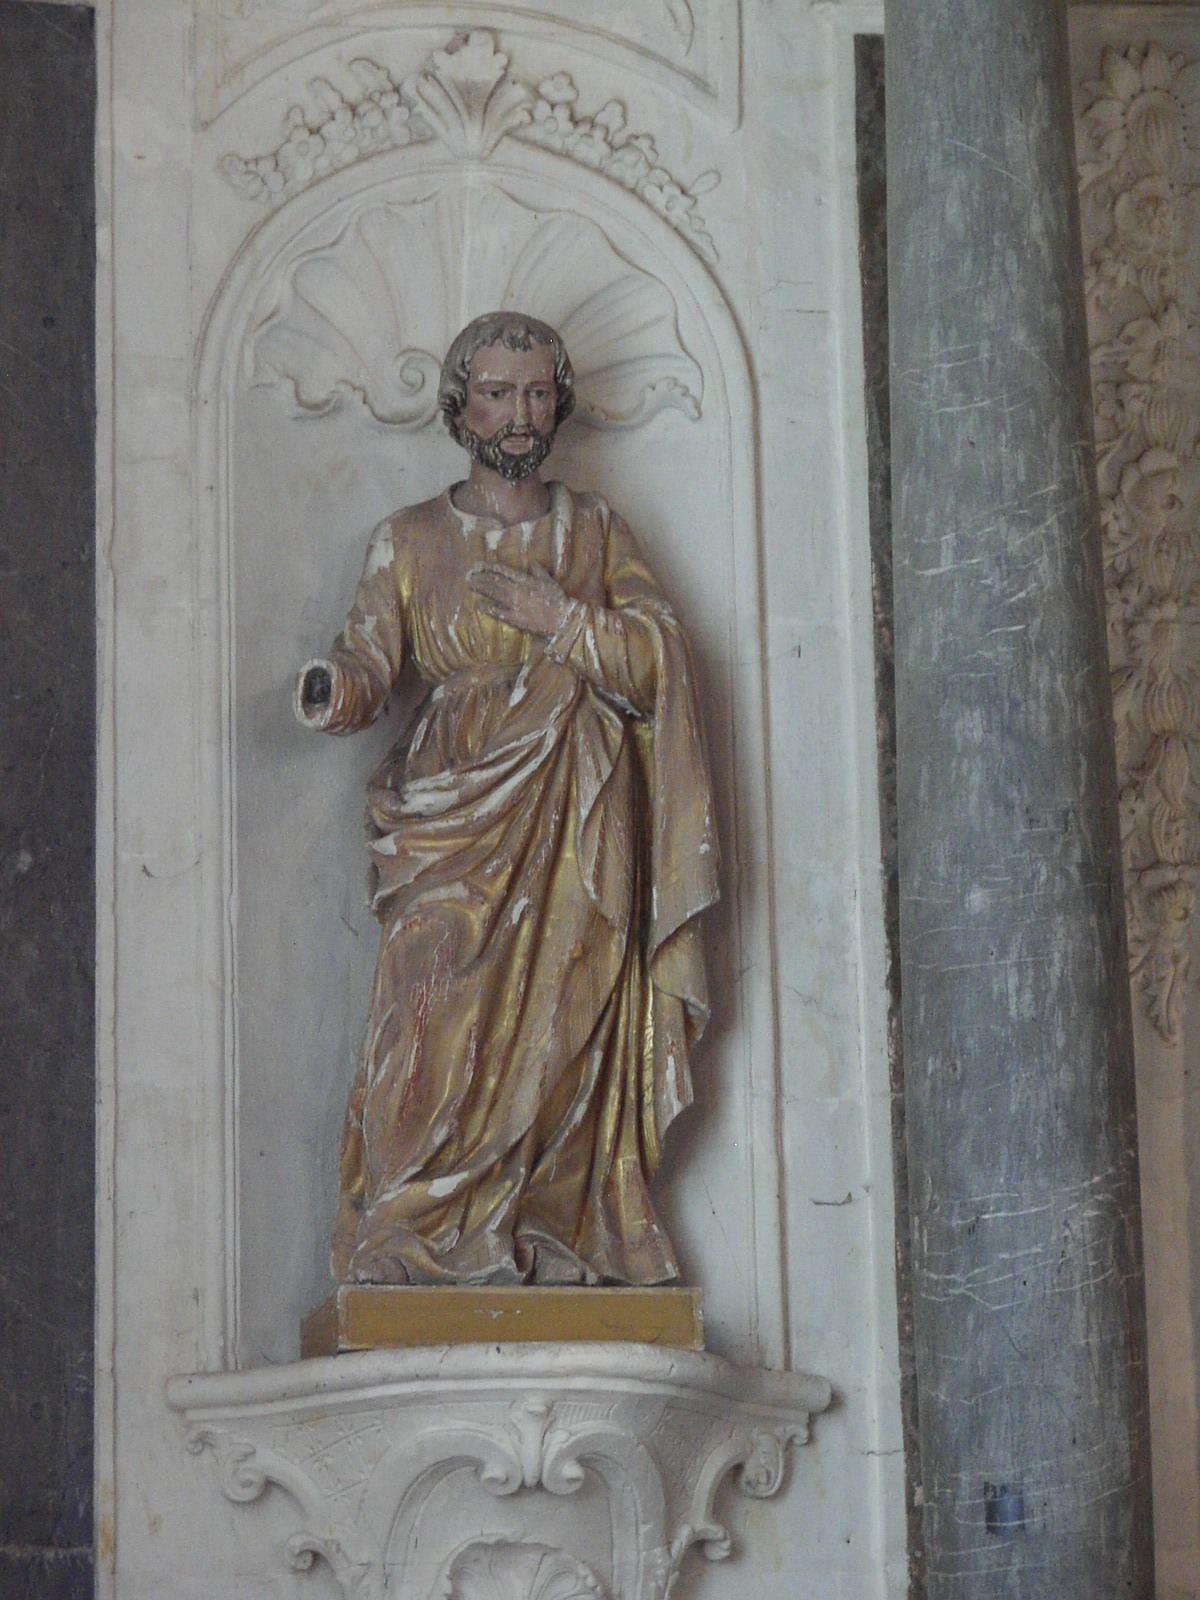 Saint Michel de Chavaignes en 2005 - Eglise Saint Michel 15 (Menu Christophe dit Tahiti)